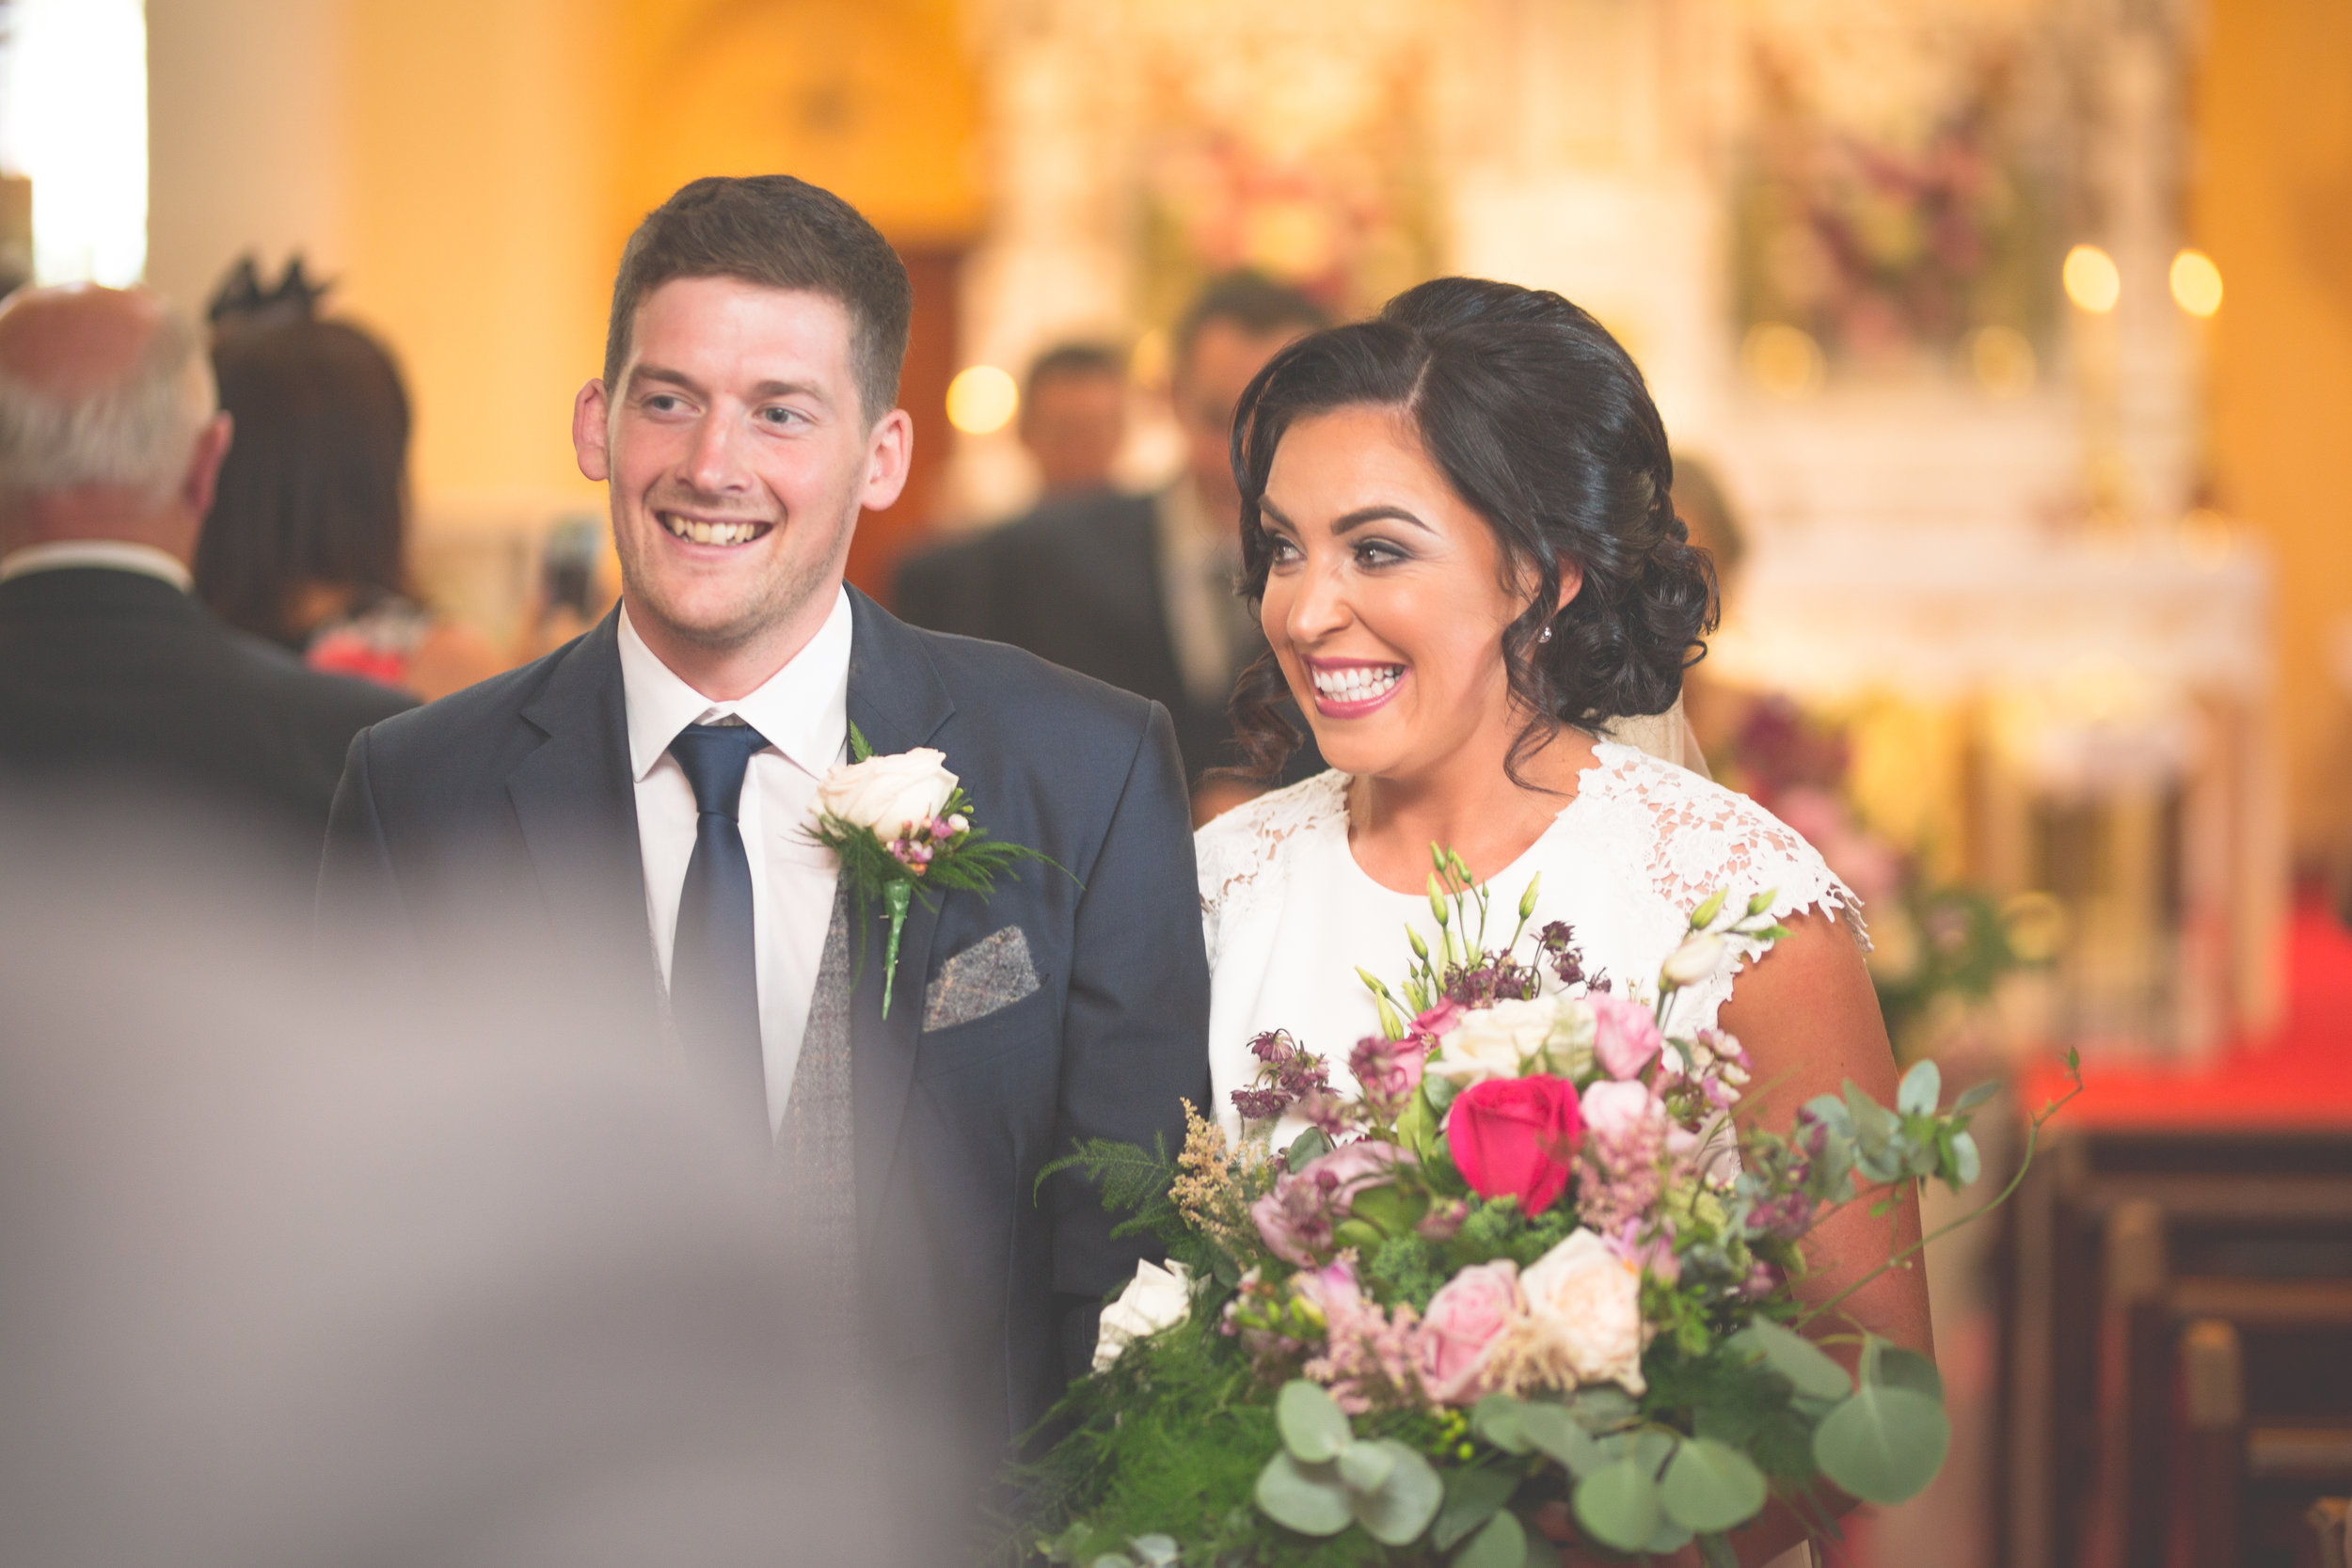 Brian McEwan Wedding Photography   Carol-Anne & Sean   The Ceremony-76.jpg